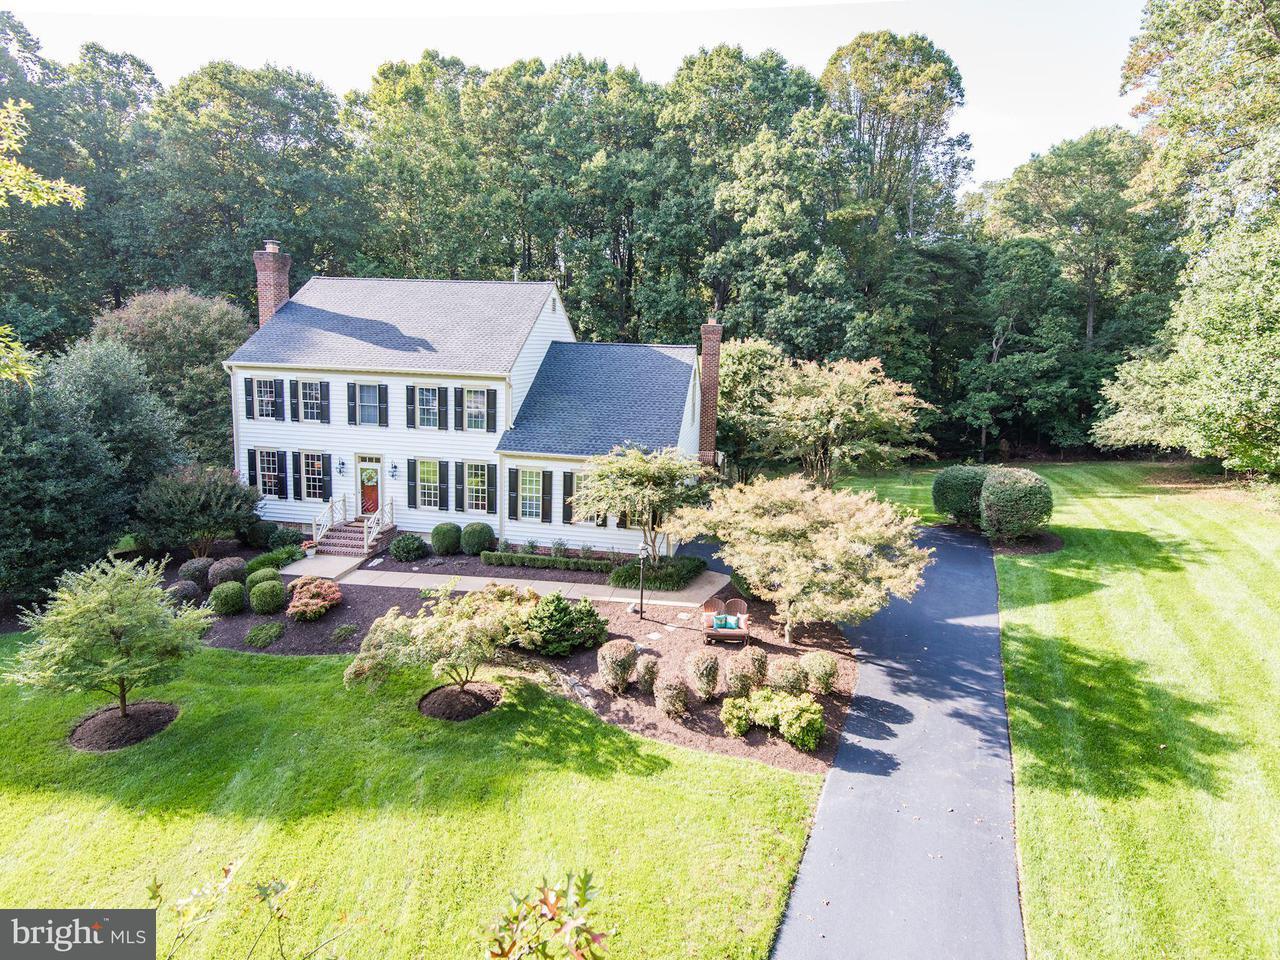 Maison unifamiliale pour l Vente à 12150 RICHLAND Lane 12150 RICHLAND Lane Oak Hill, Virginia 20171 États-Unis